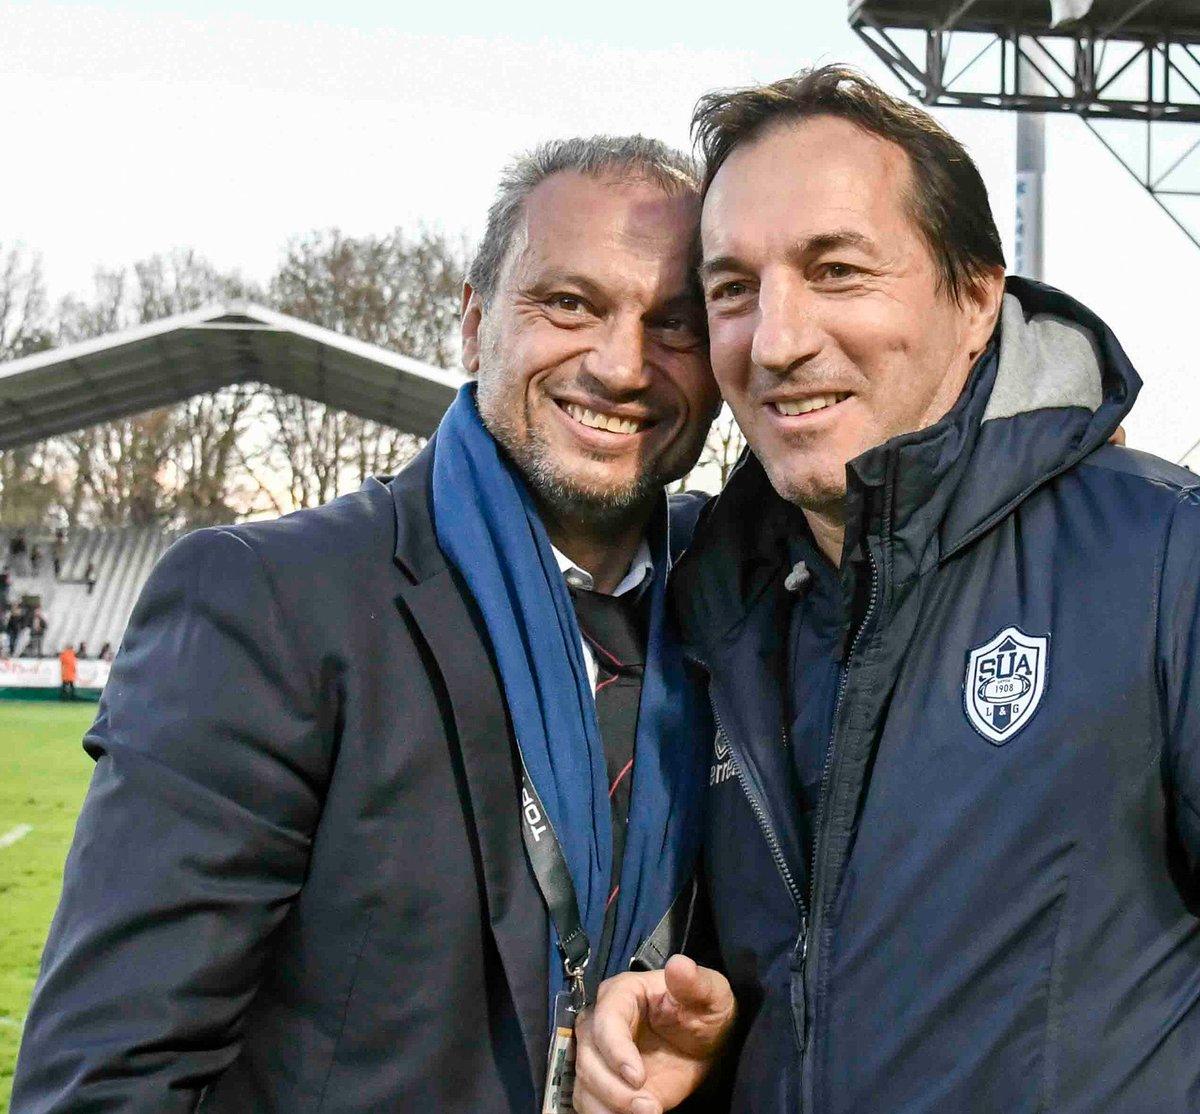 🔻 L'ensemble du @agen_rugby souhaite un très joyeux anniversaire à son Président @JeffFonteneau ! 😁